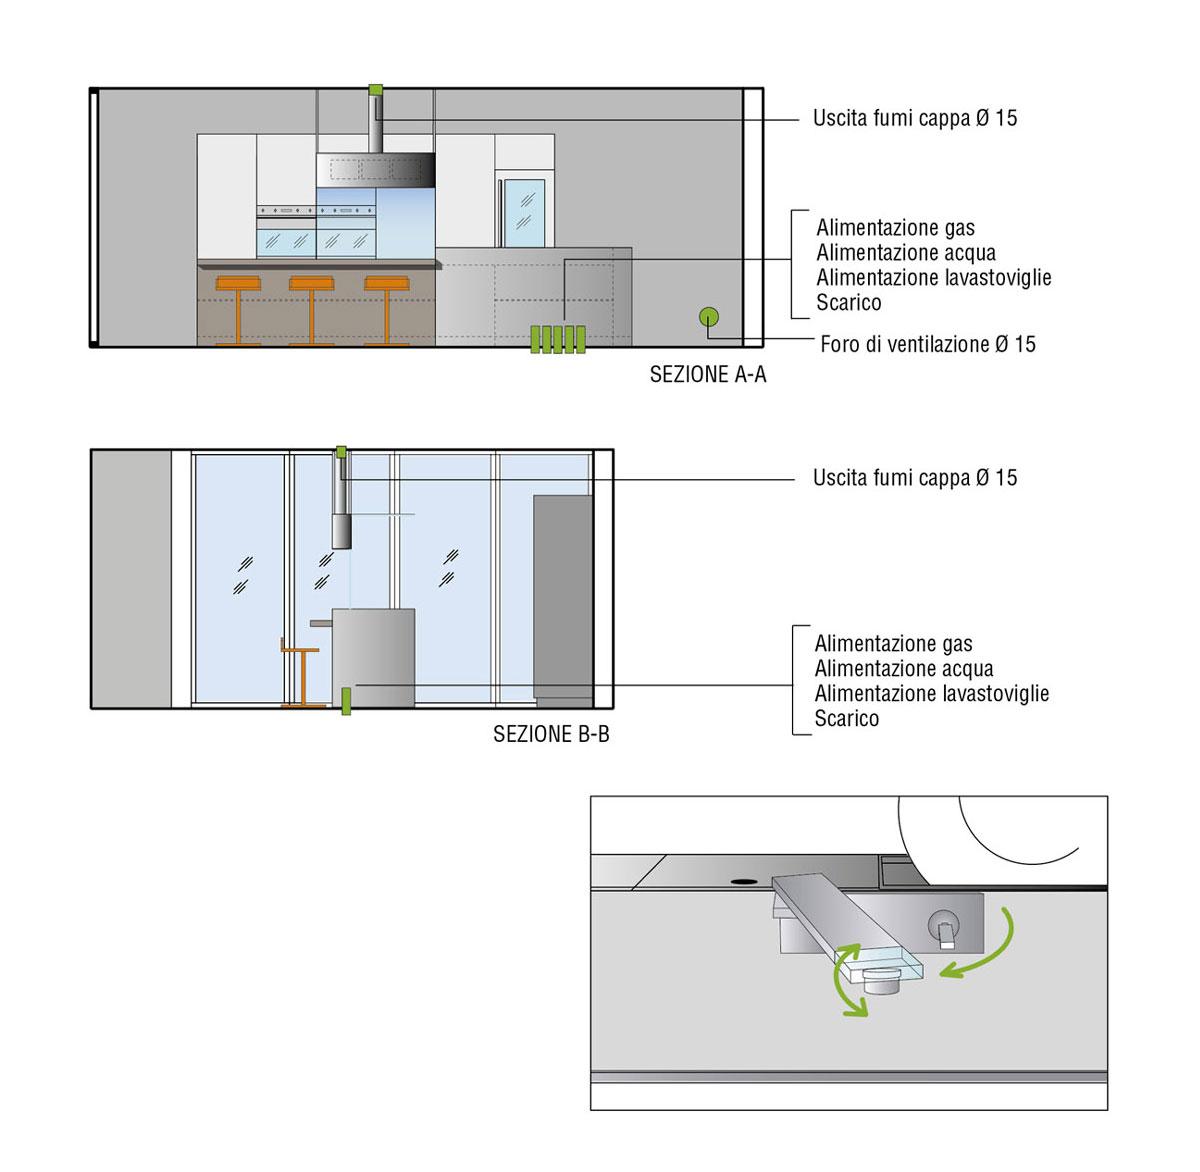 Cucine con isola design valcucine - Foro nel muro della cucina per normativa gas ...